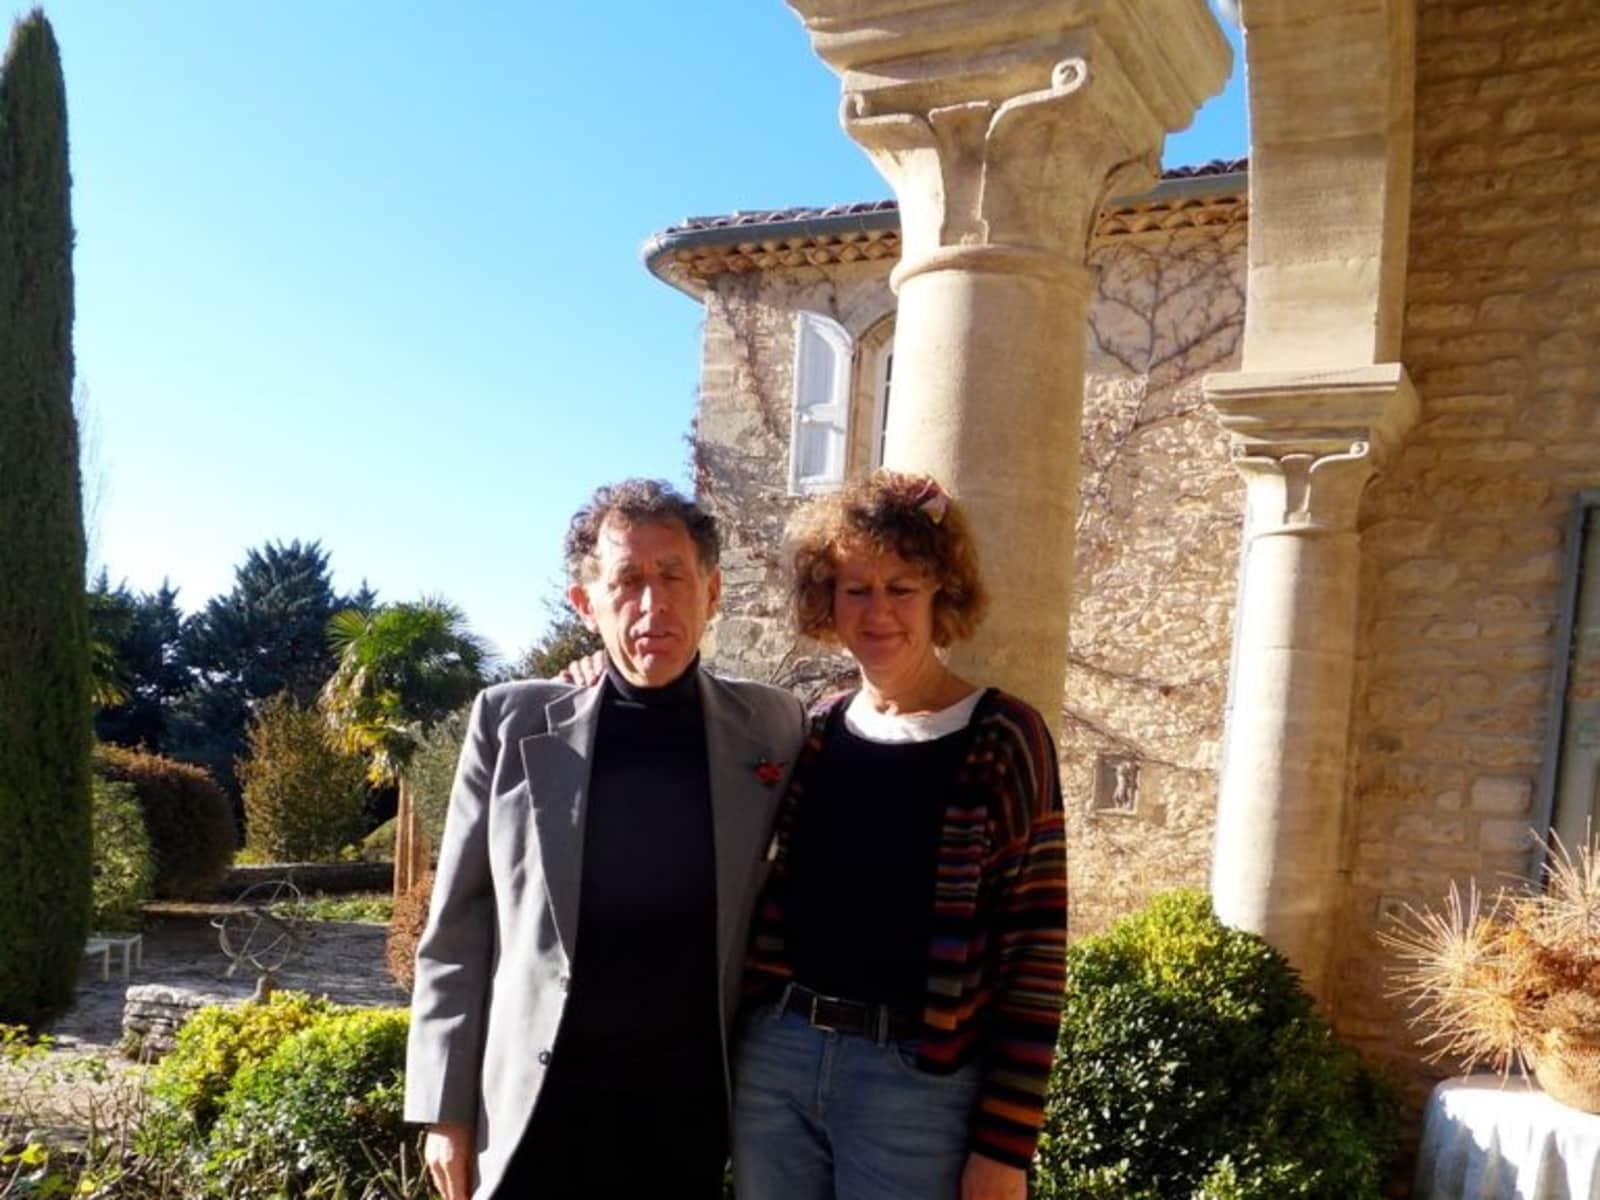 Caron & Finn from Avignon, France